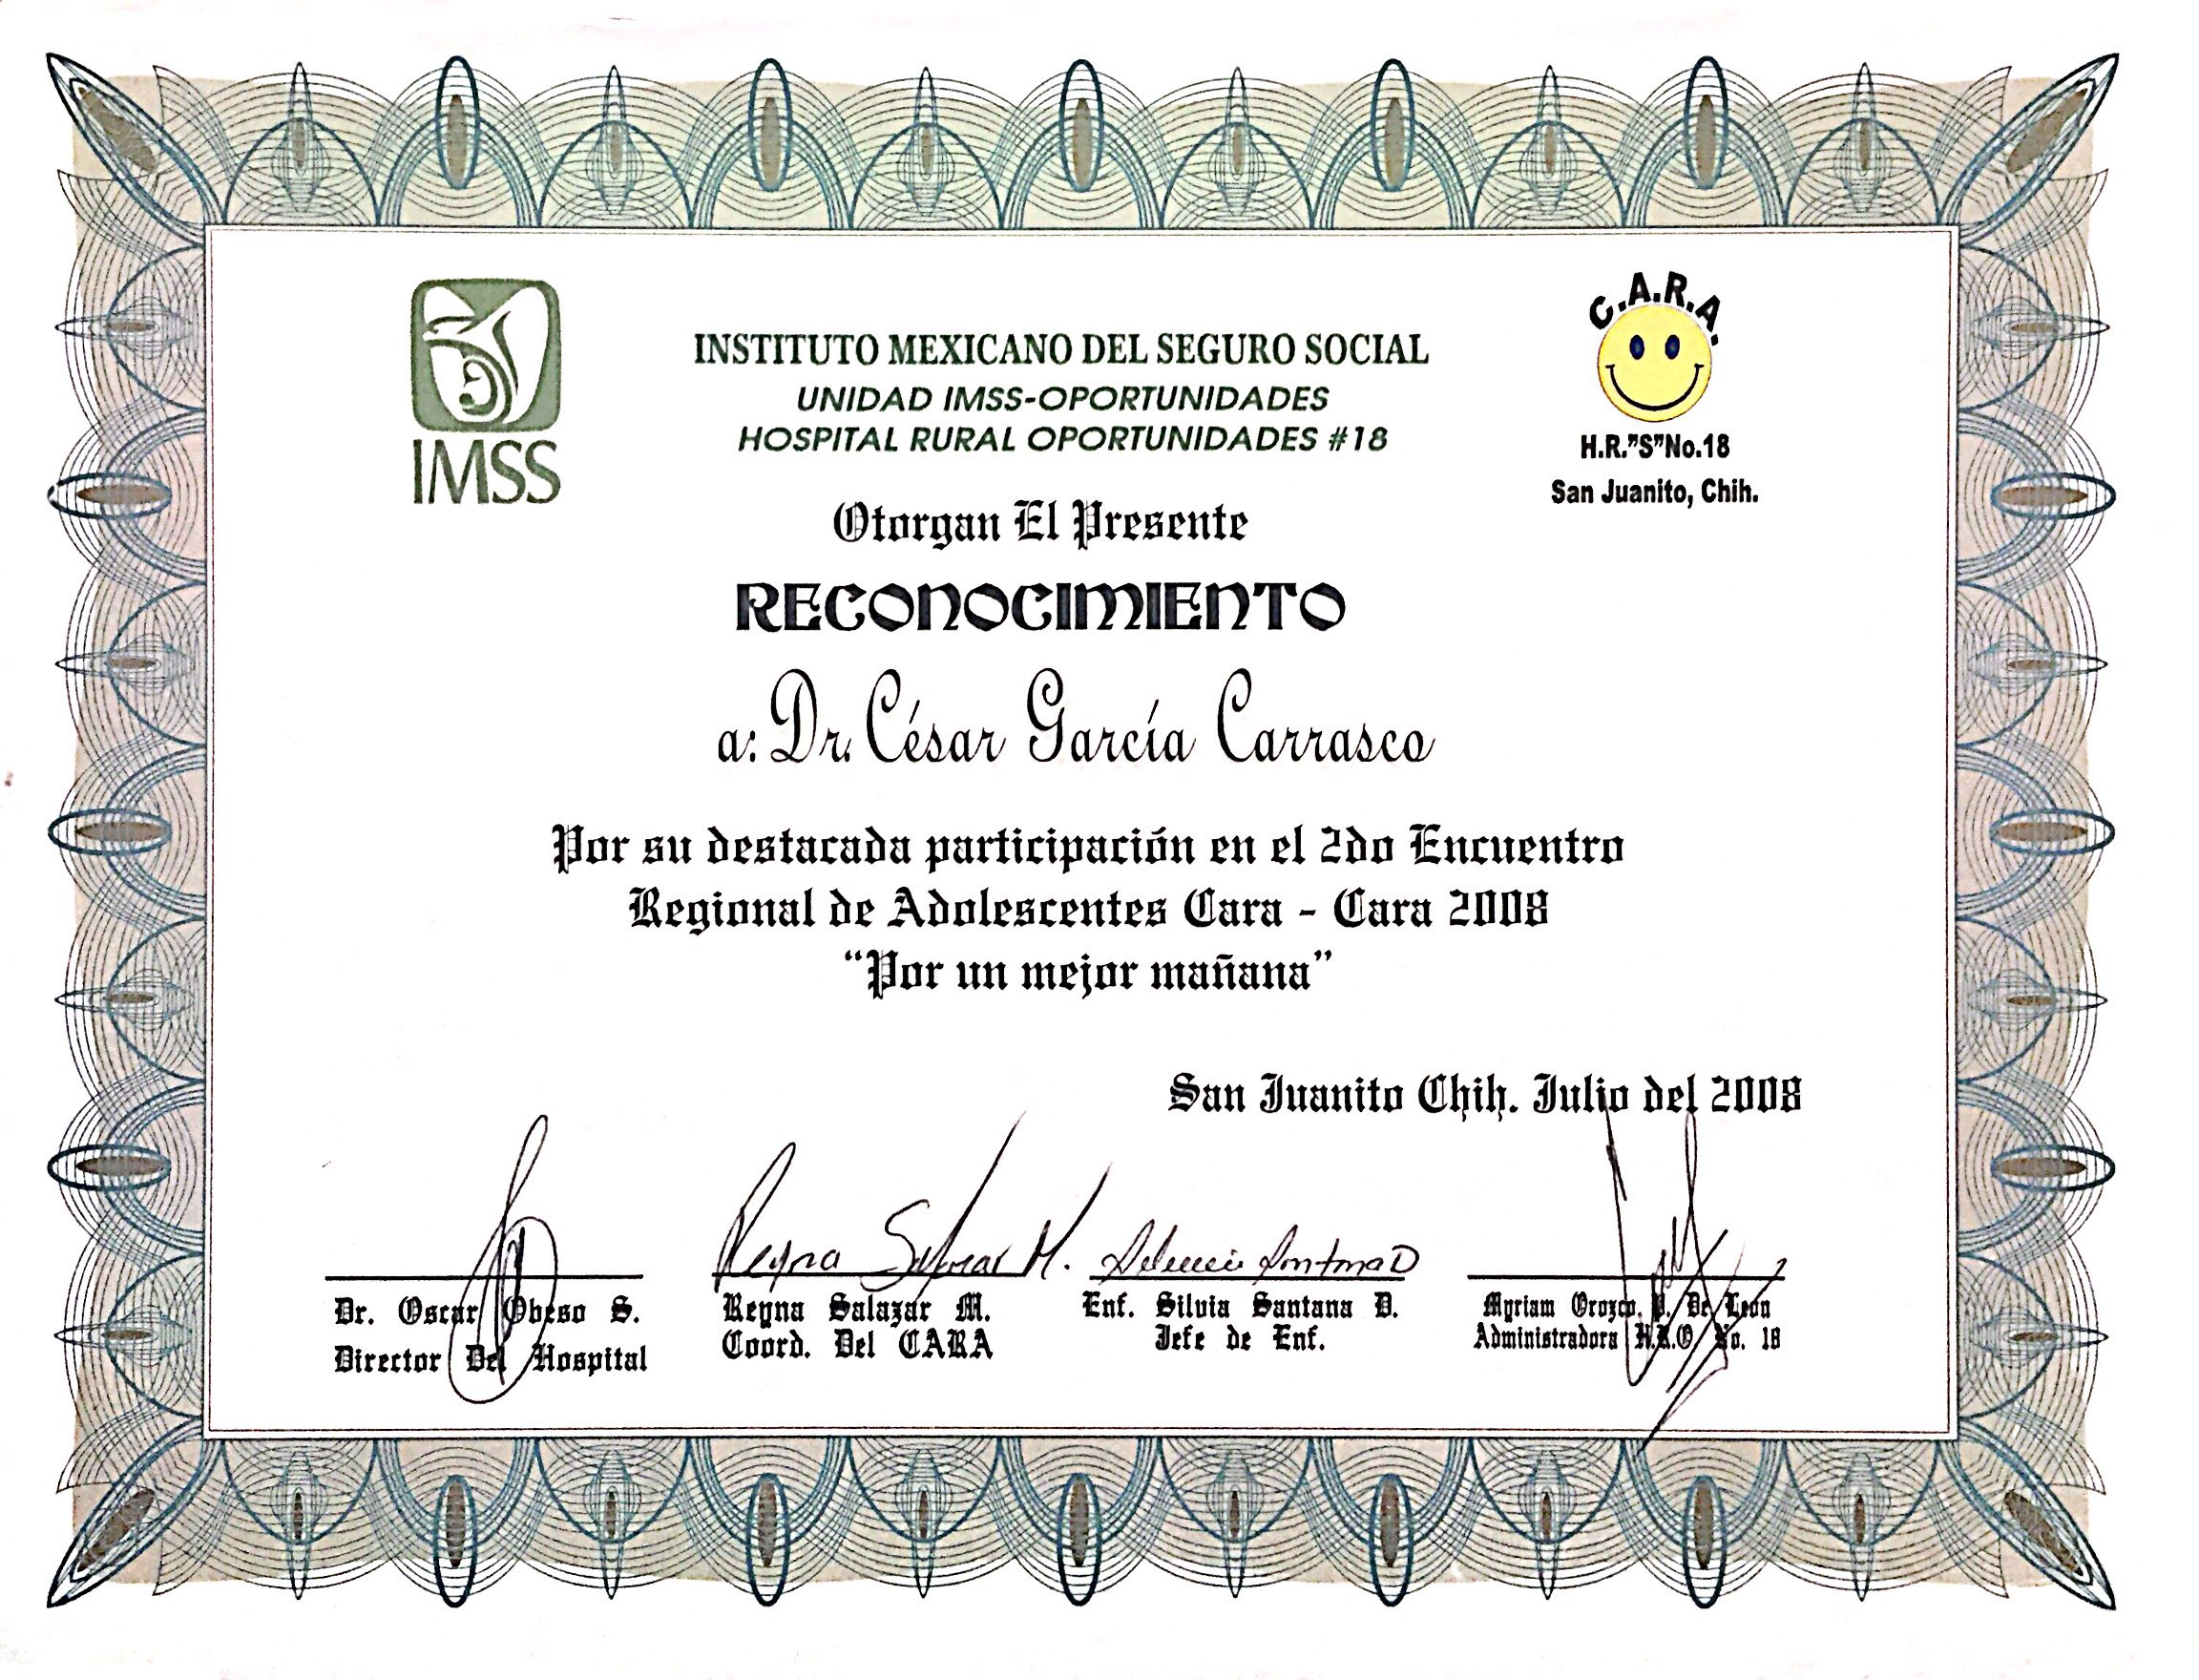 Dr. Garcia Carrazco_22